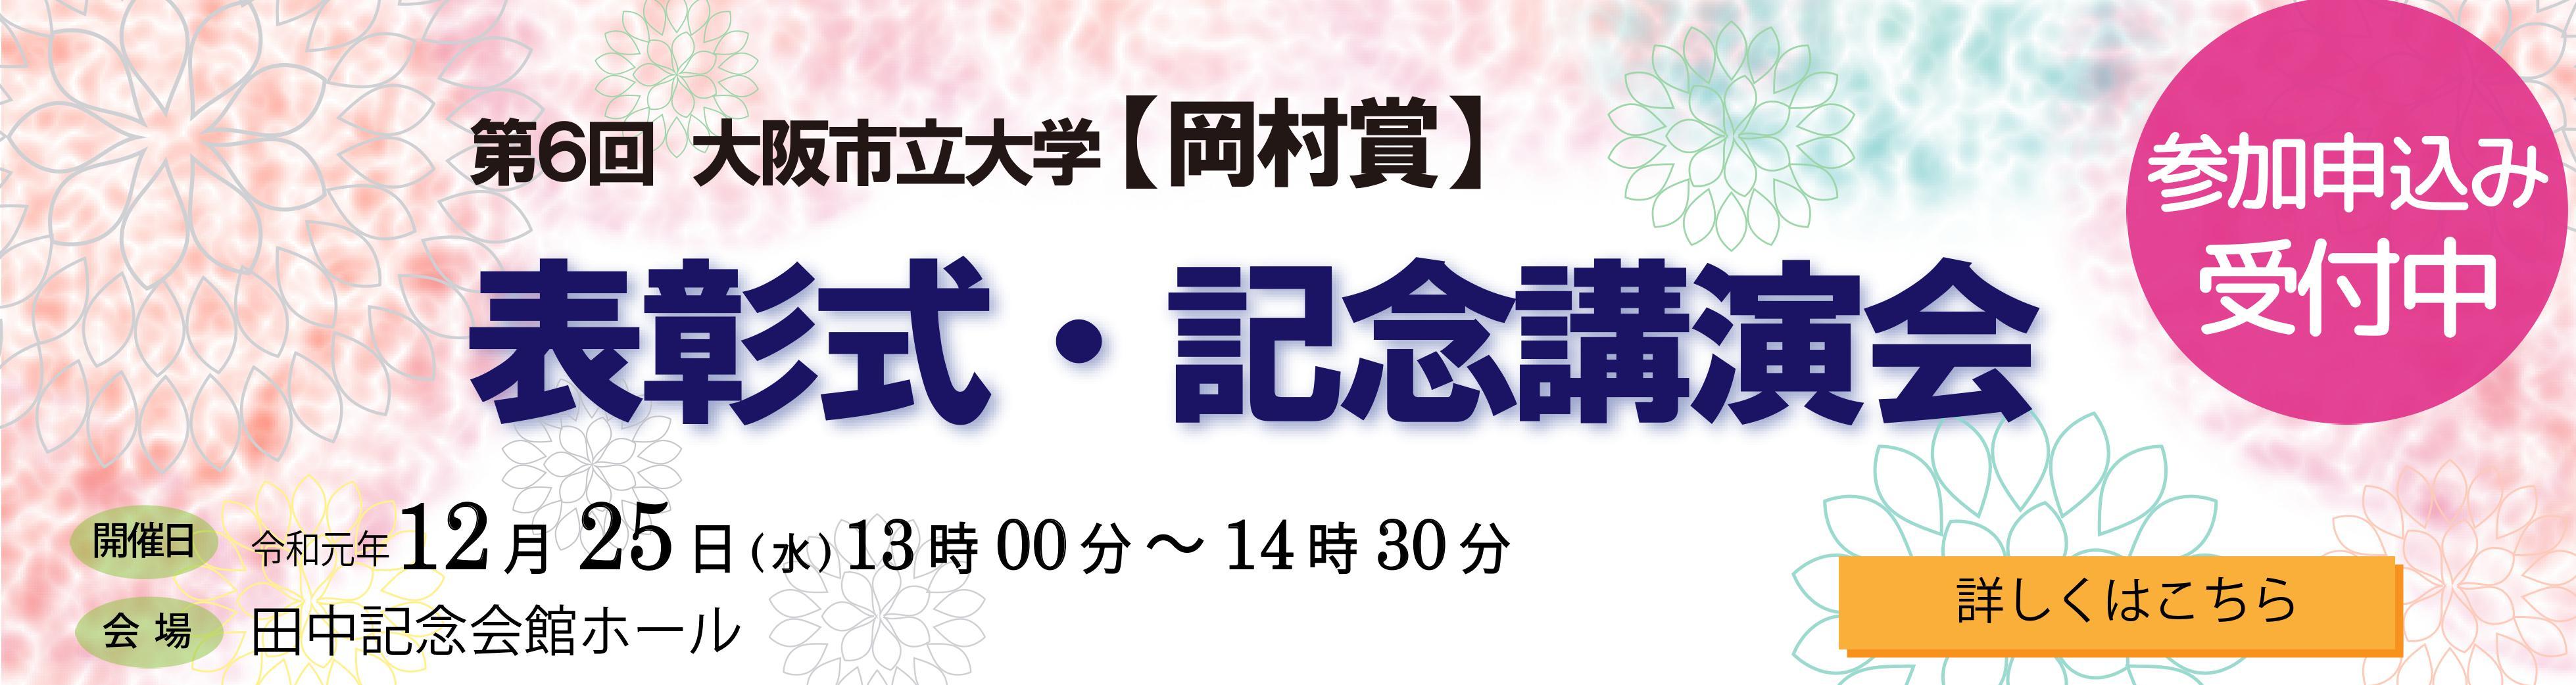 2019年度 岡村賞 表彰式・記念講演会の開催について